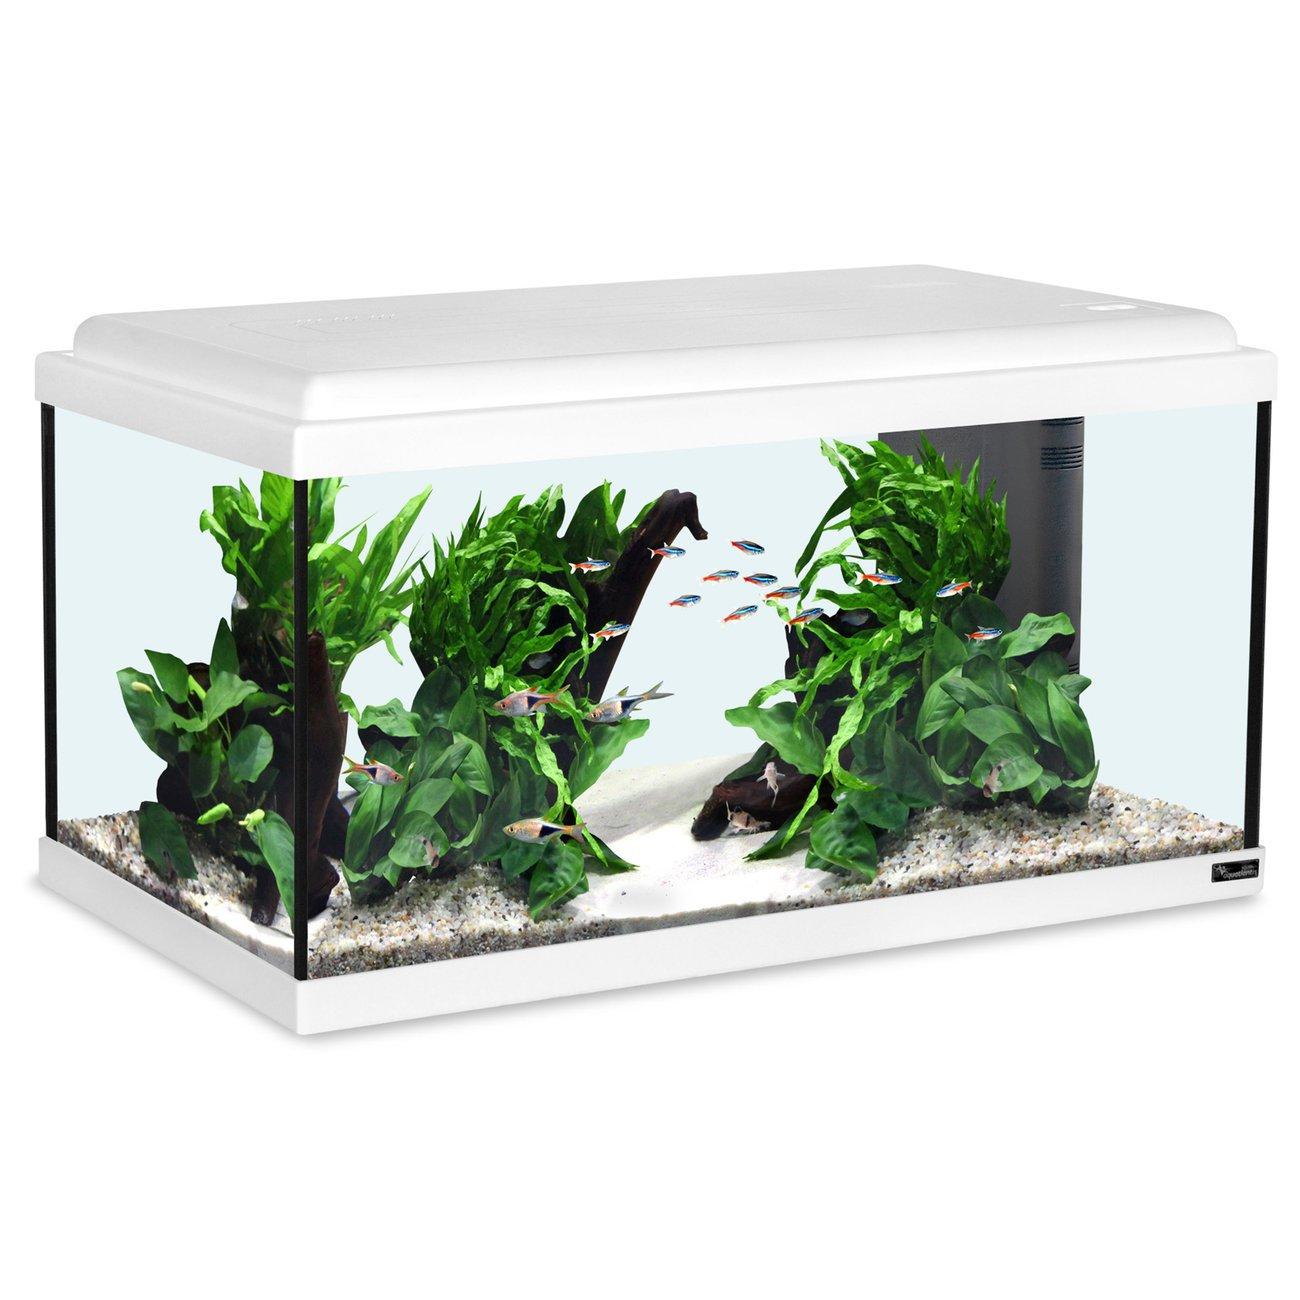 Aquatlantis Advance 60 LED Aquarium Bild 2